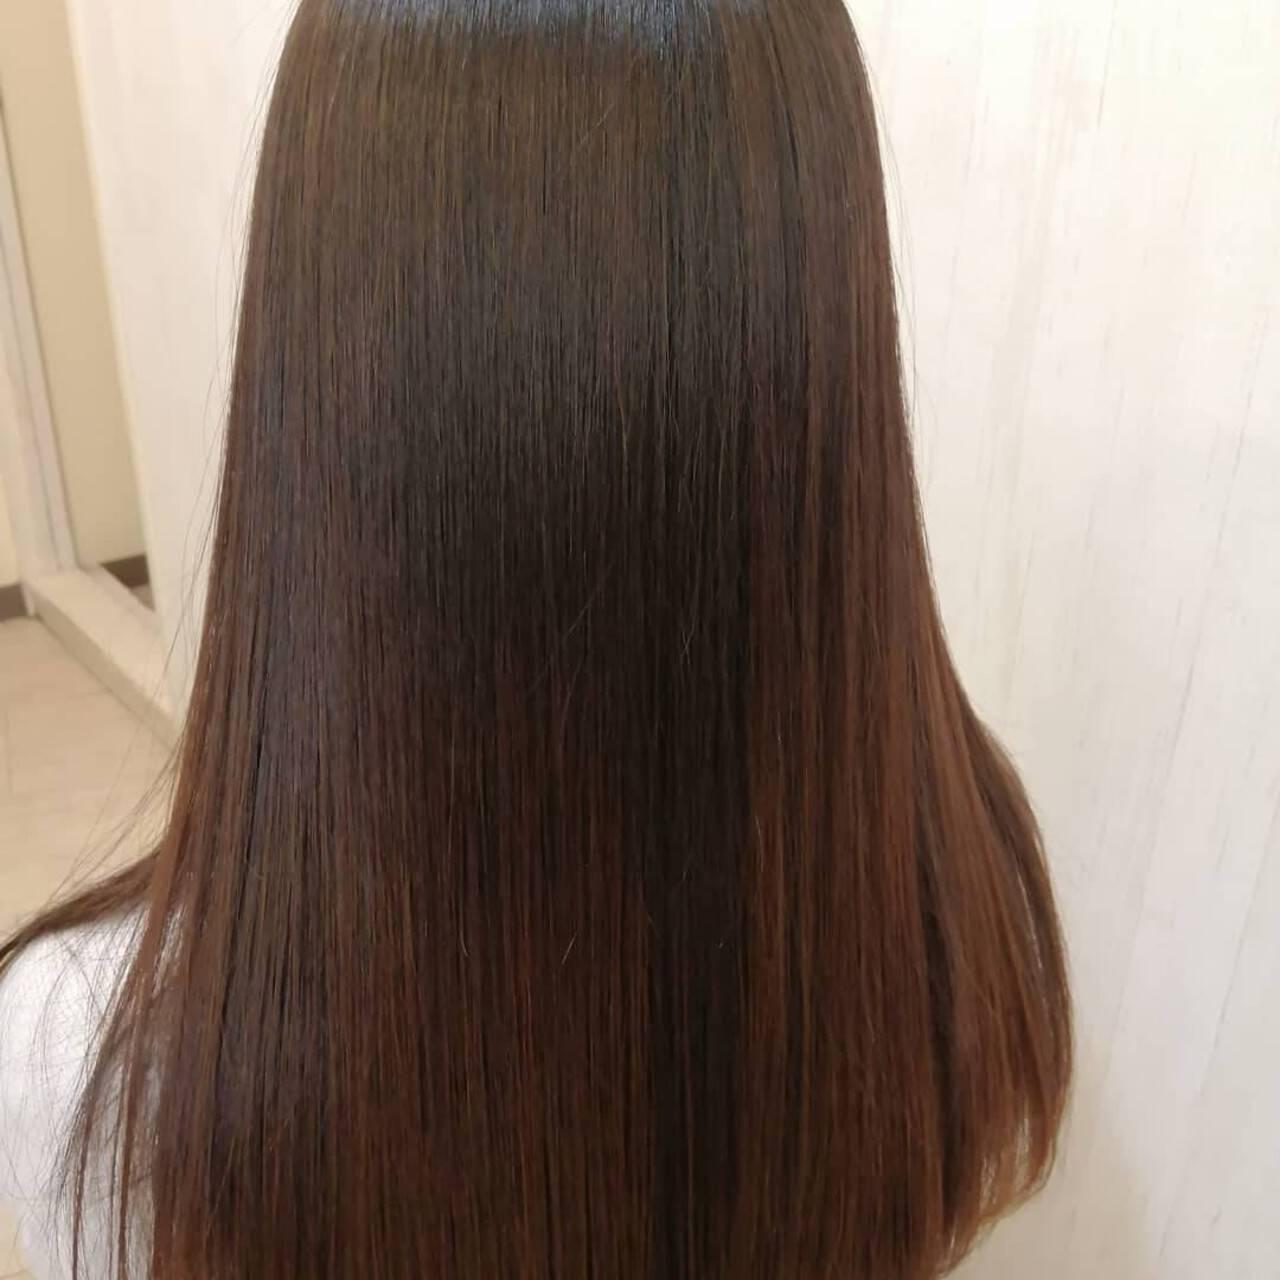 ロング ストレート 大人ロング 髪質改善ヘアスタイルや髪型の写真・画像